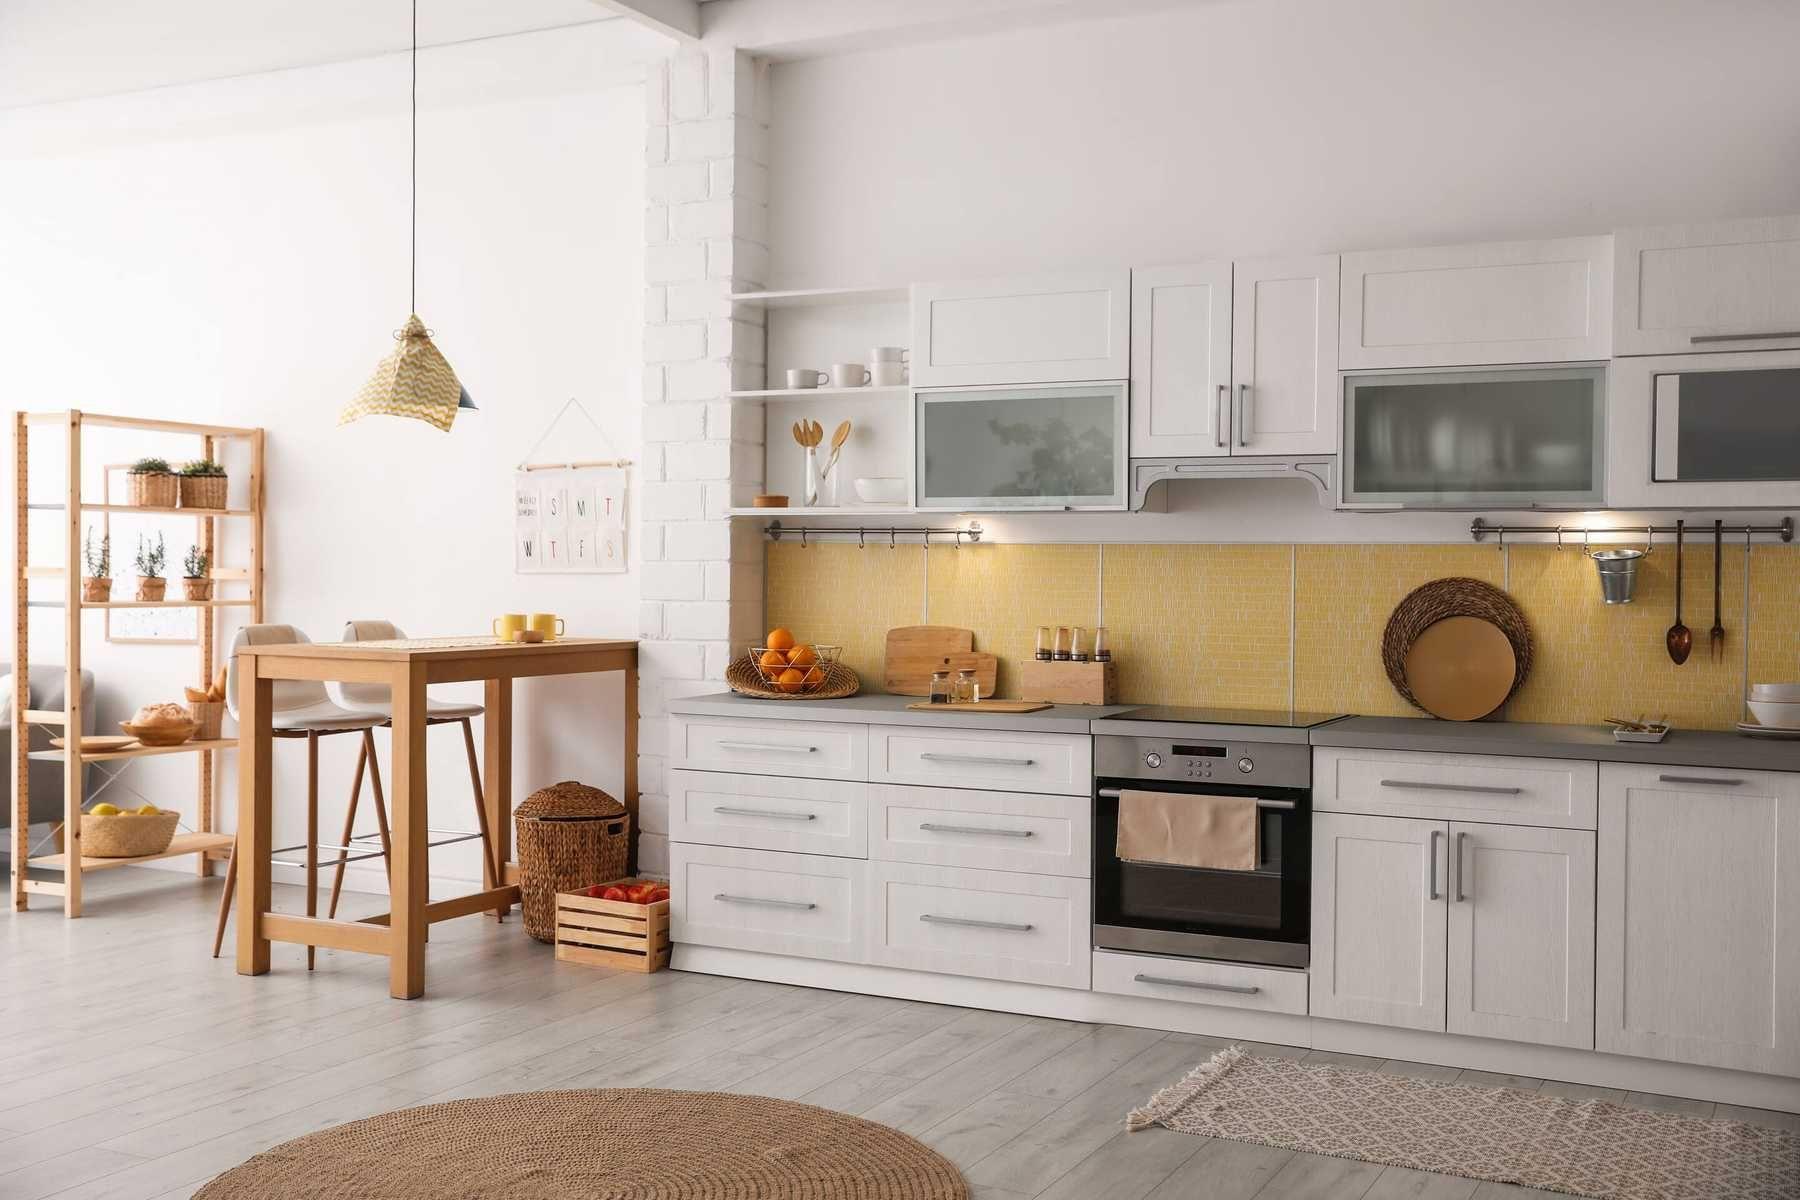 trang trí nhà bếp phối màu cho đồ nội thất gỗ